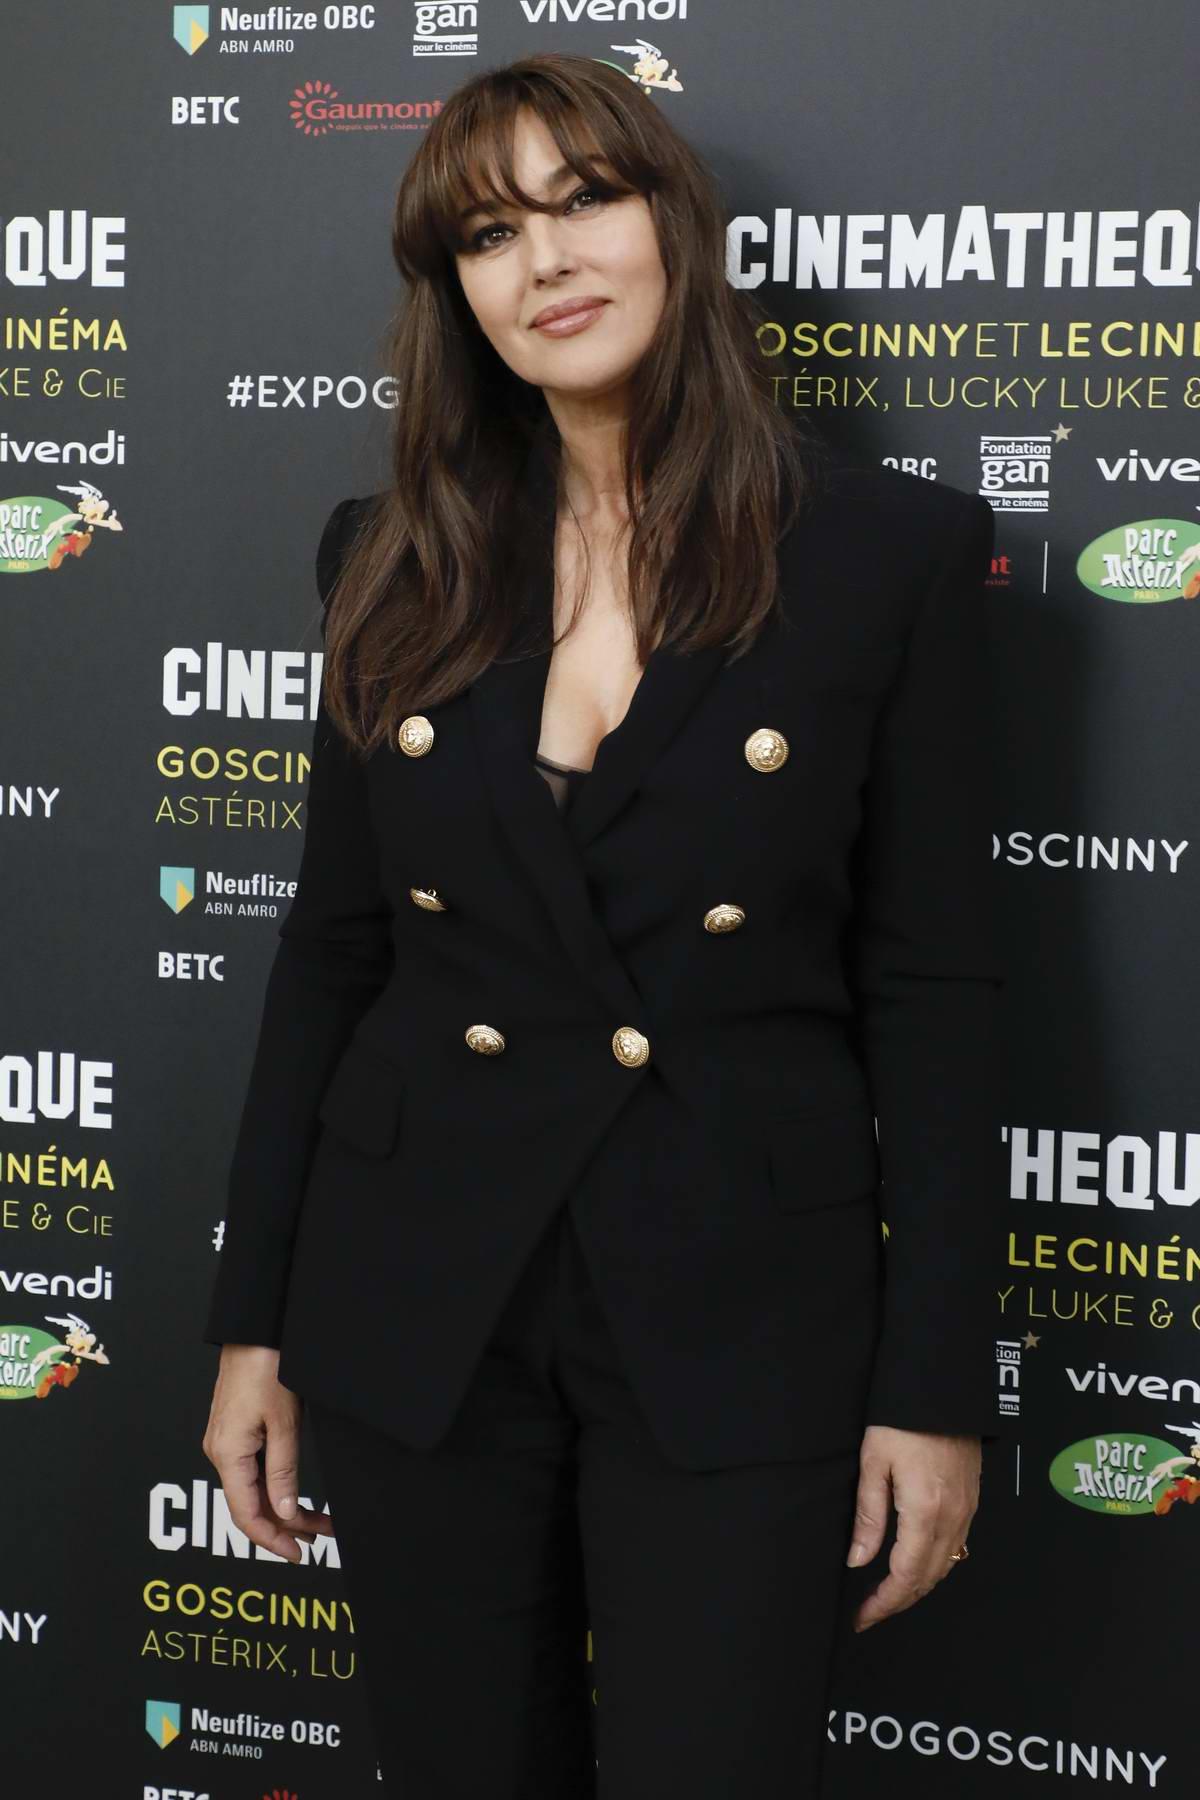 Monica Bellucci at La Cinématheque of Paris, France